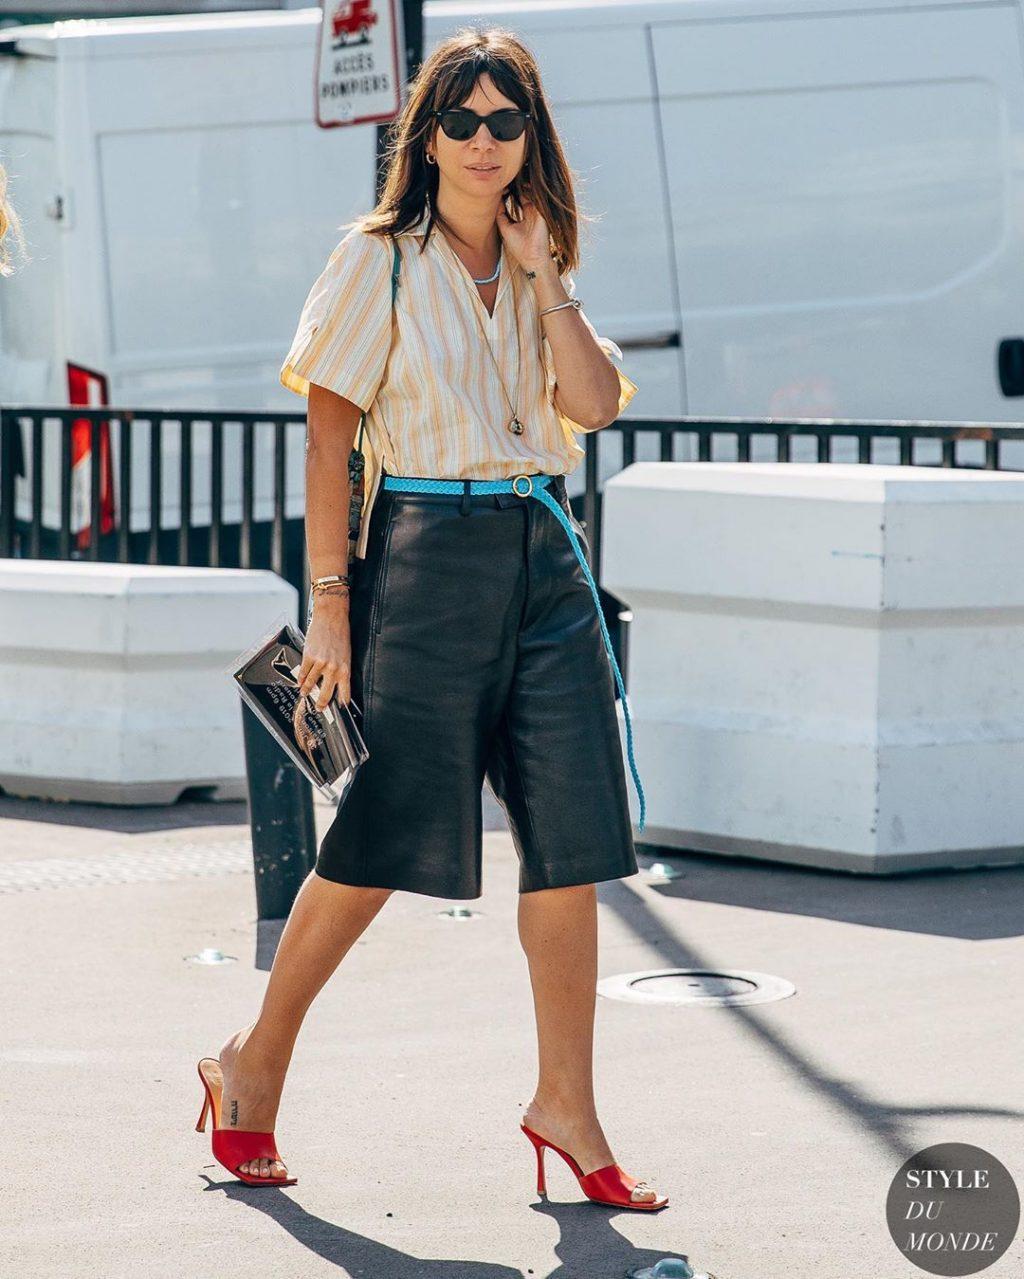 Fashionista mặc áo sọc vàng, quần da đen thắt lưng màu xanh thiên thanh